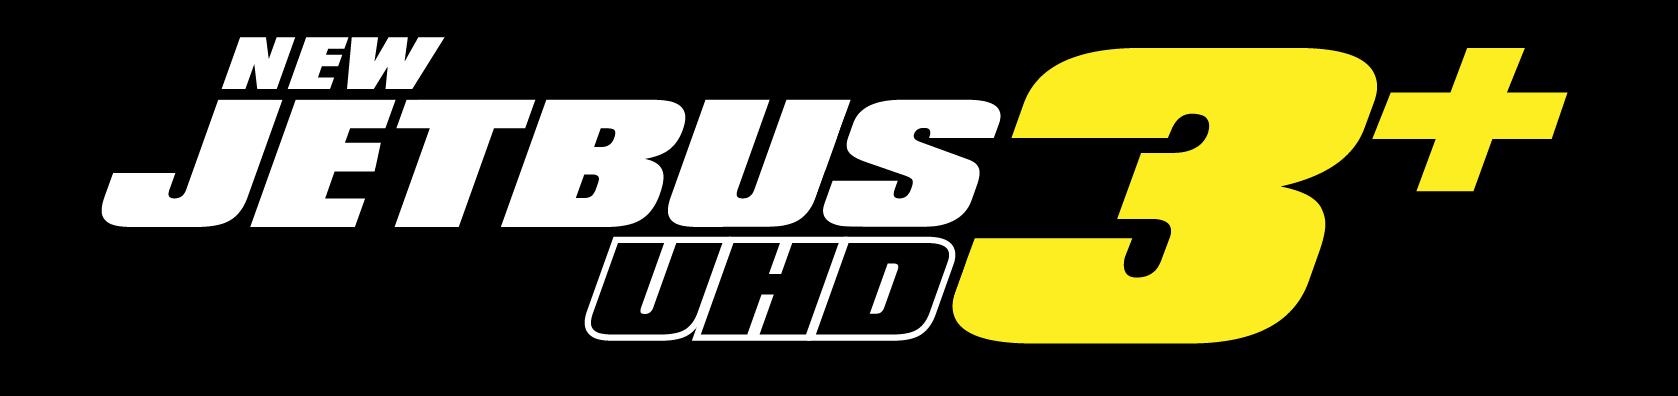 jetbus 3